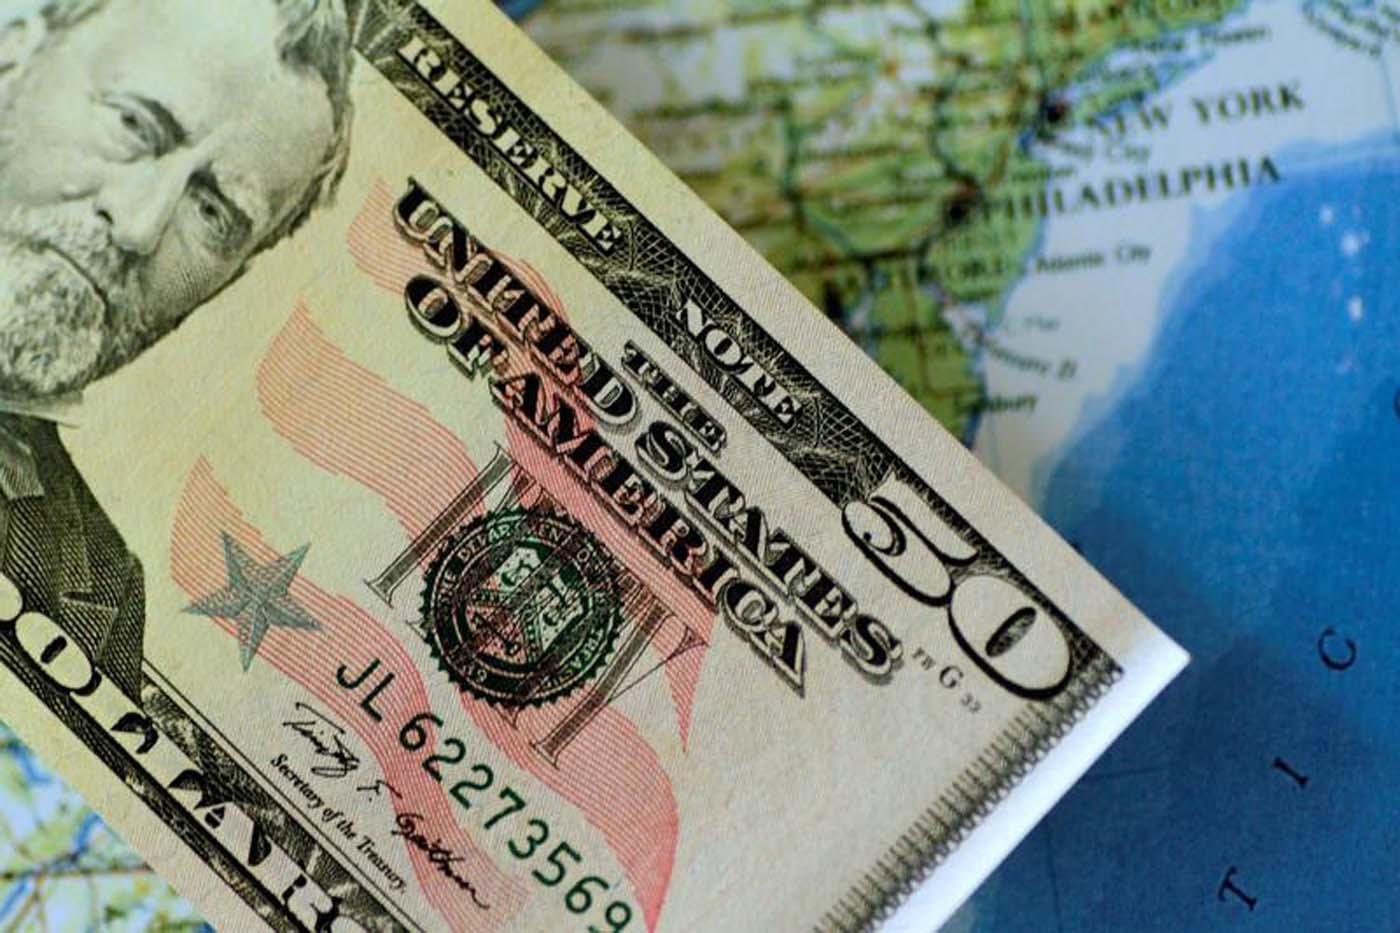 En la imagen de archivo se ve un bollete de 50 dólares americanos, el 22 de junio de 2017. REUTERS/Thomas White/Illustration